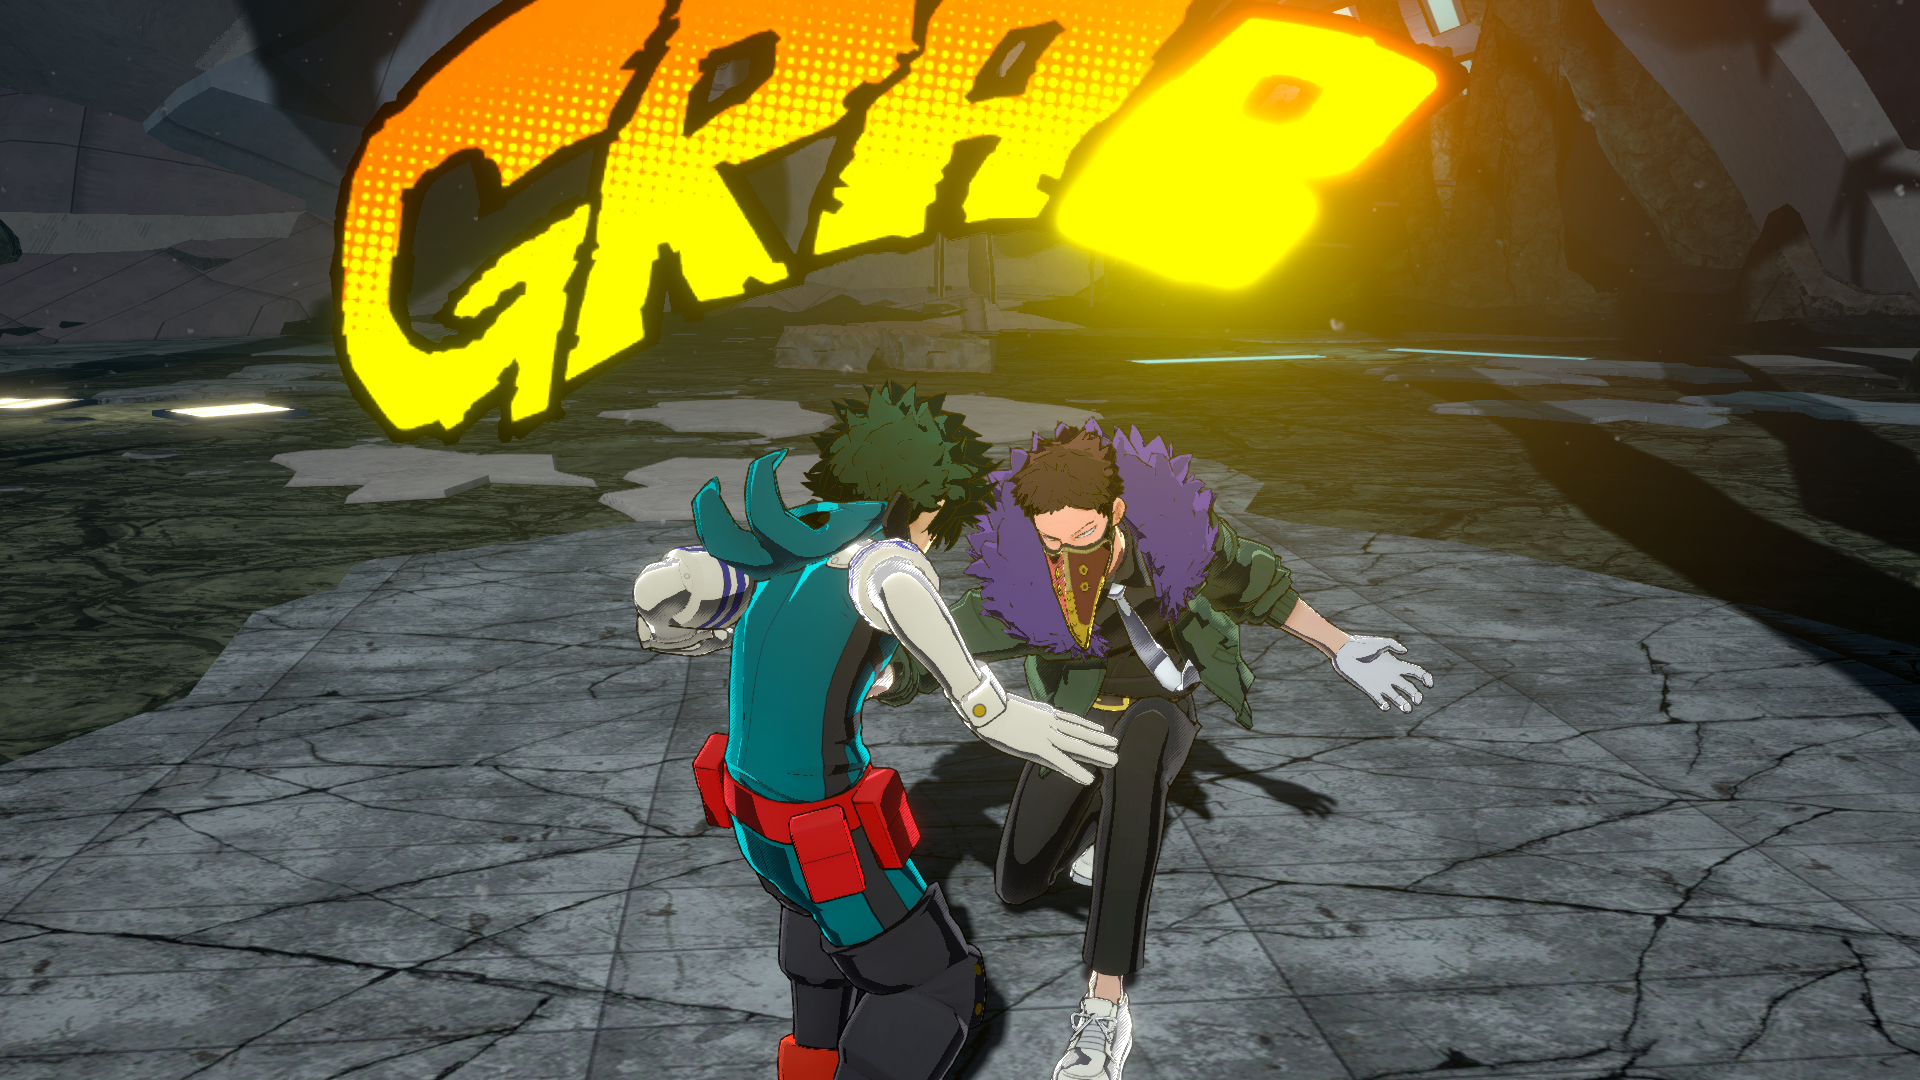 49651157606 4393fa59ef o - Ein My Hero One's Justice 2′-Guide zu den neuen Charakteren des Arena Fighters für PS4